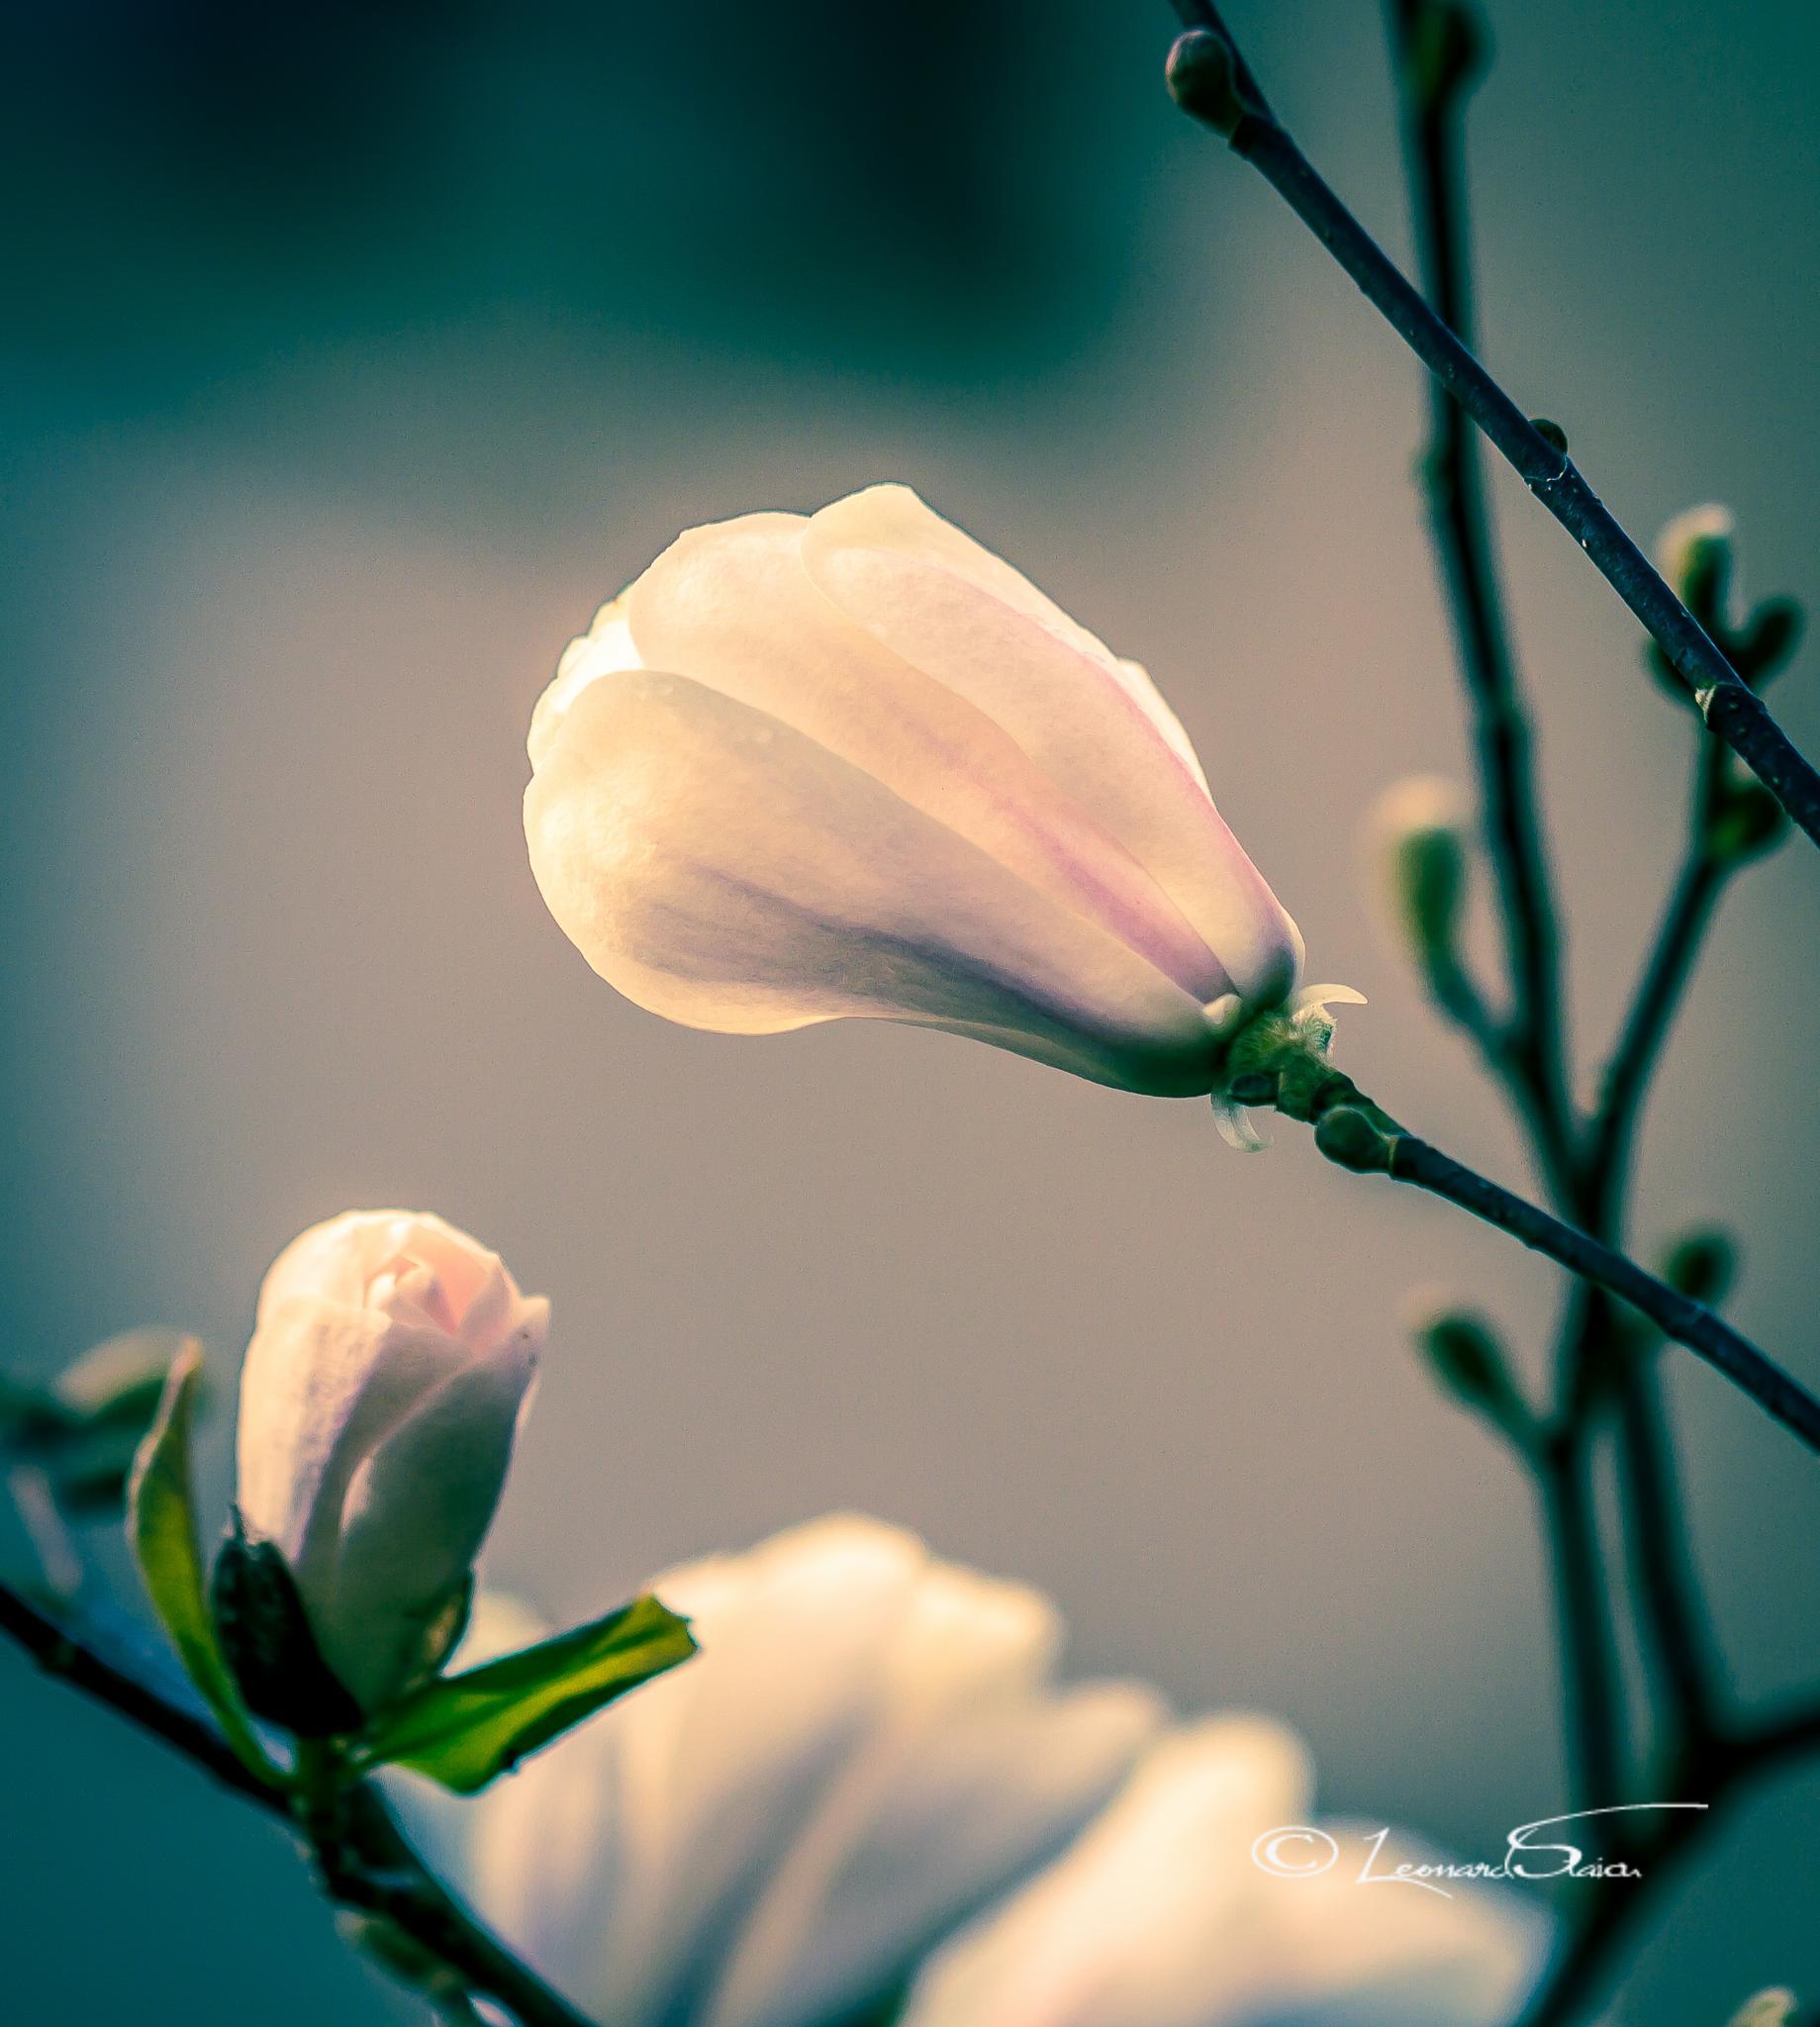 Magnolia Blanche by Leo